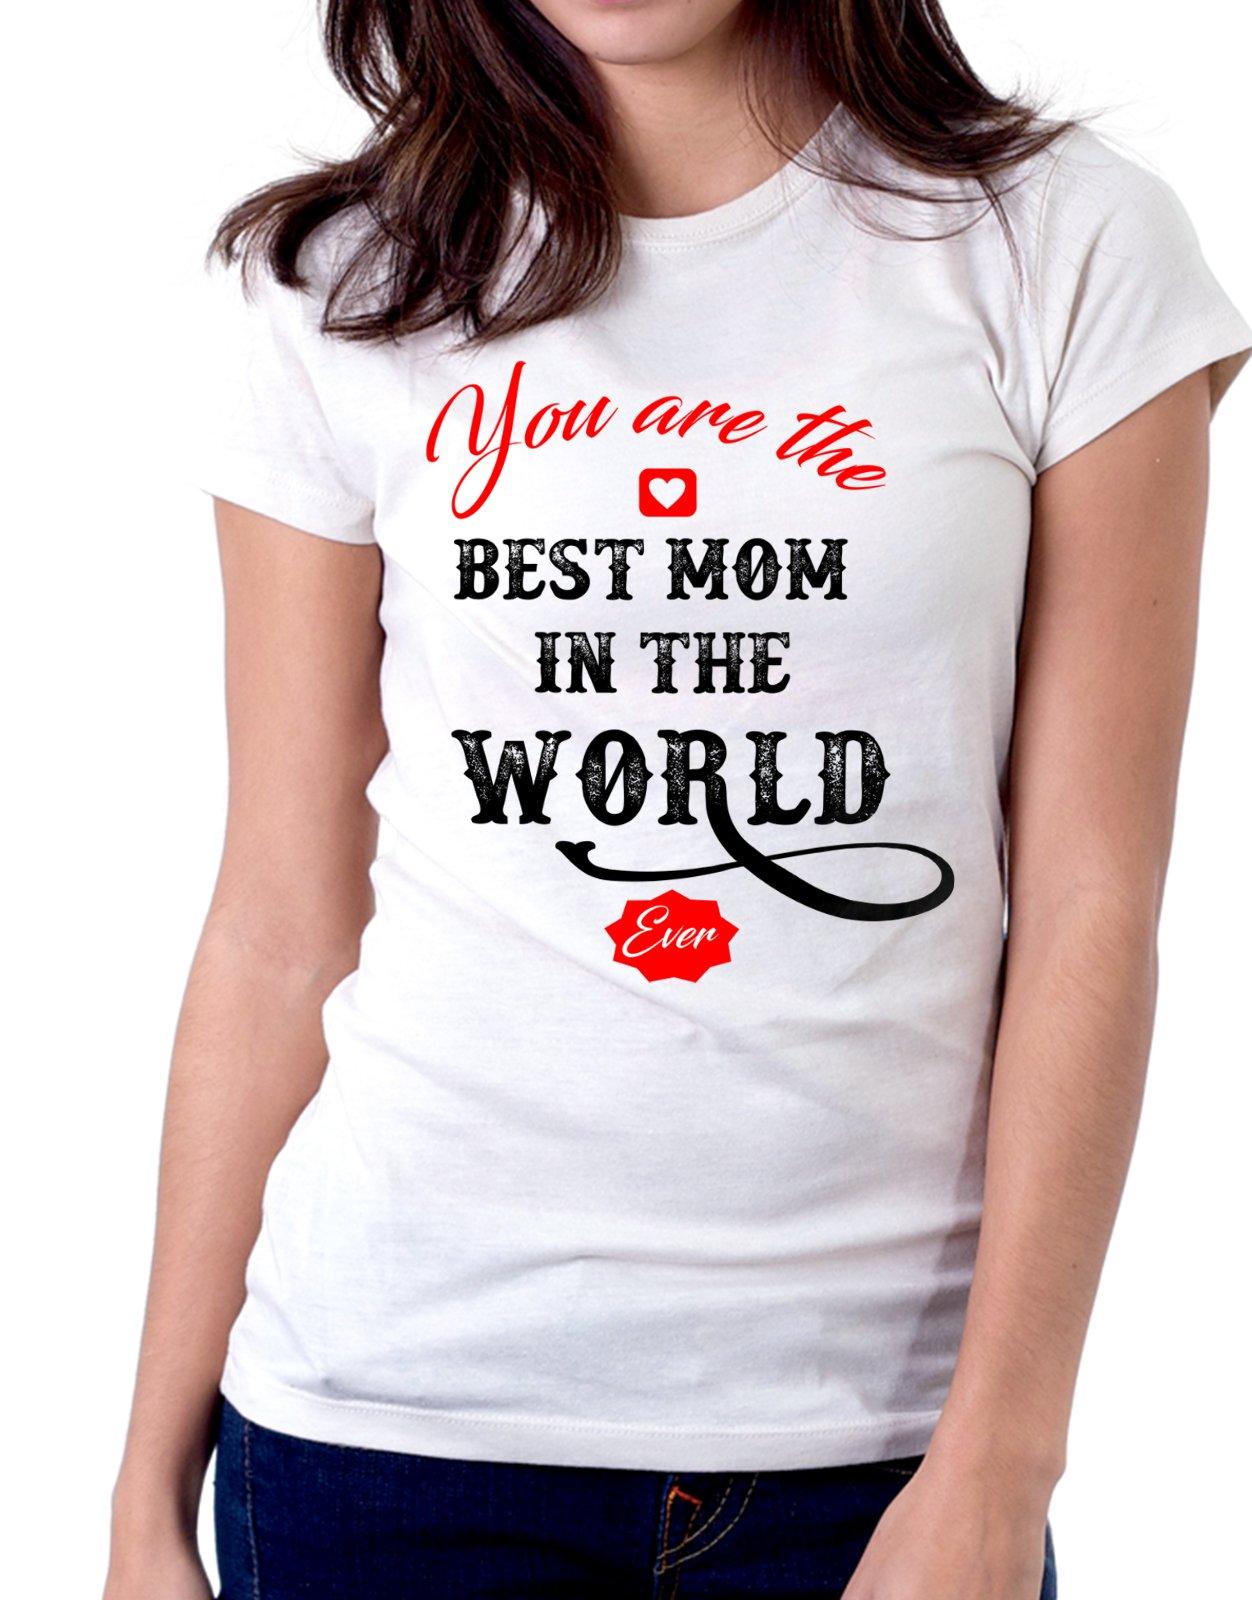 Tshirt you are the best mom in the world ever- festa della mamma - Tutte le taglie by tshirteria